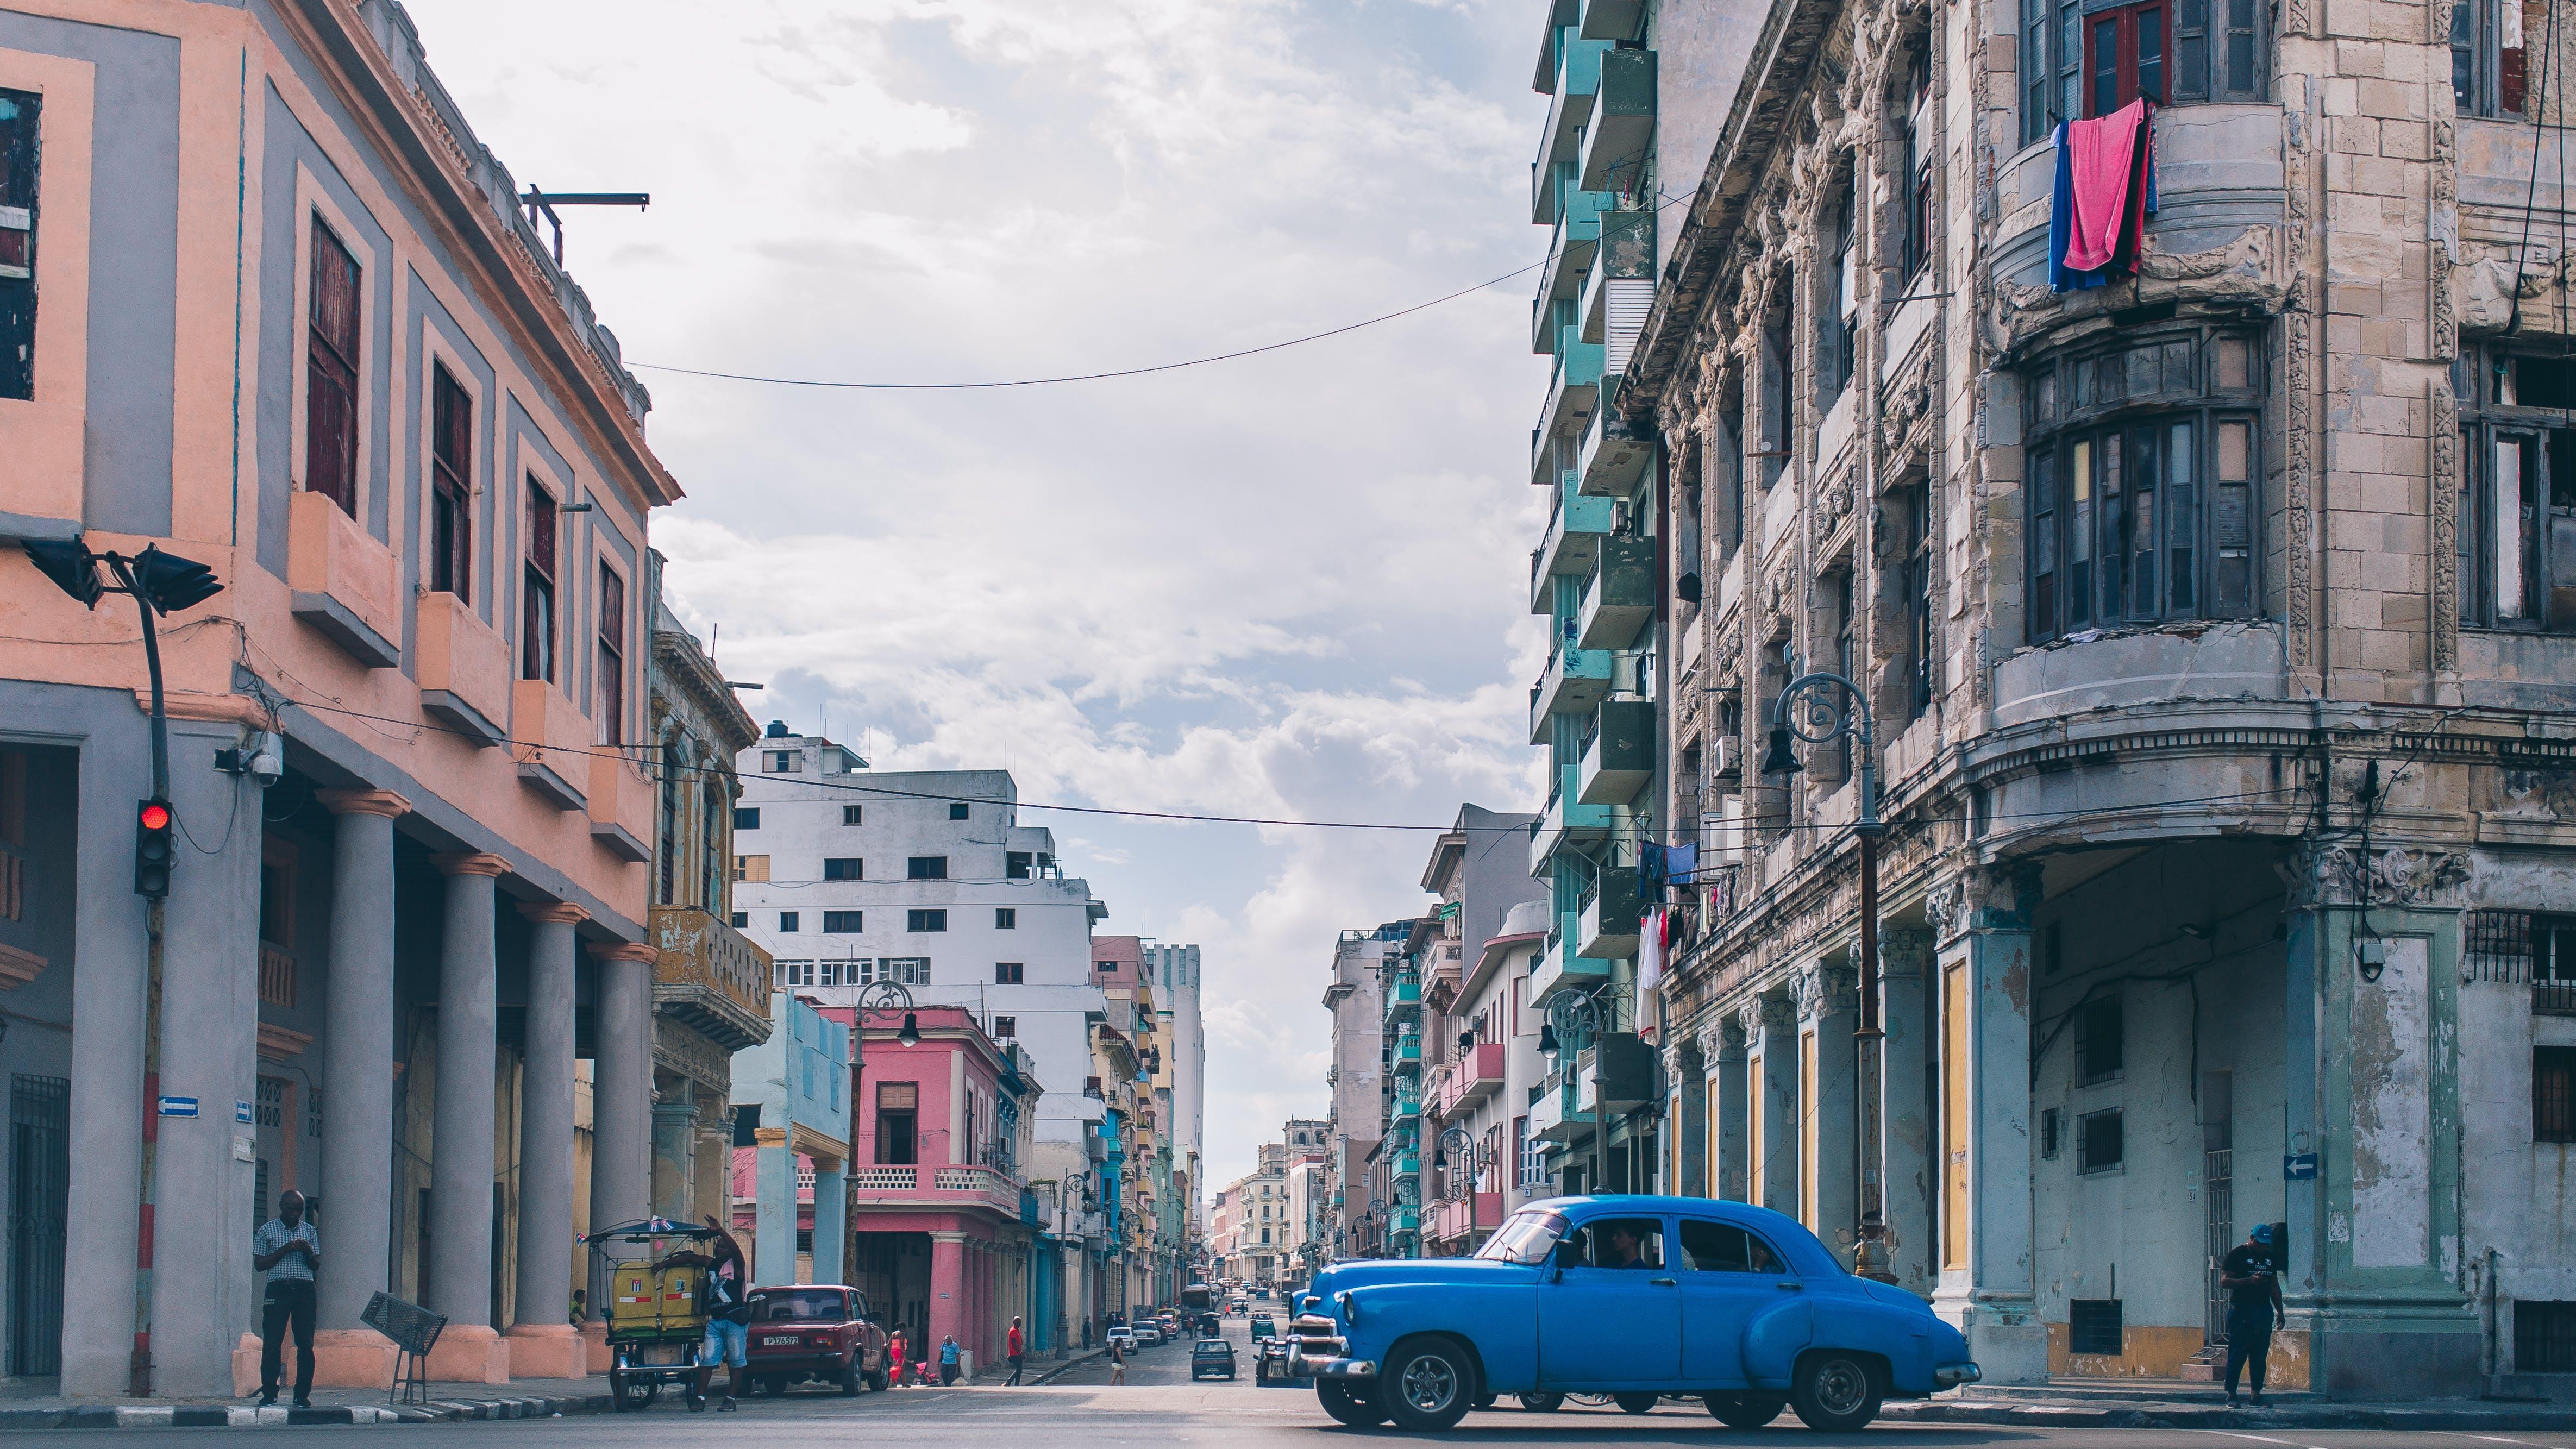 Blue Sedan on Road Between Buildings